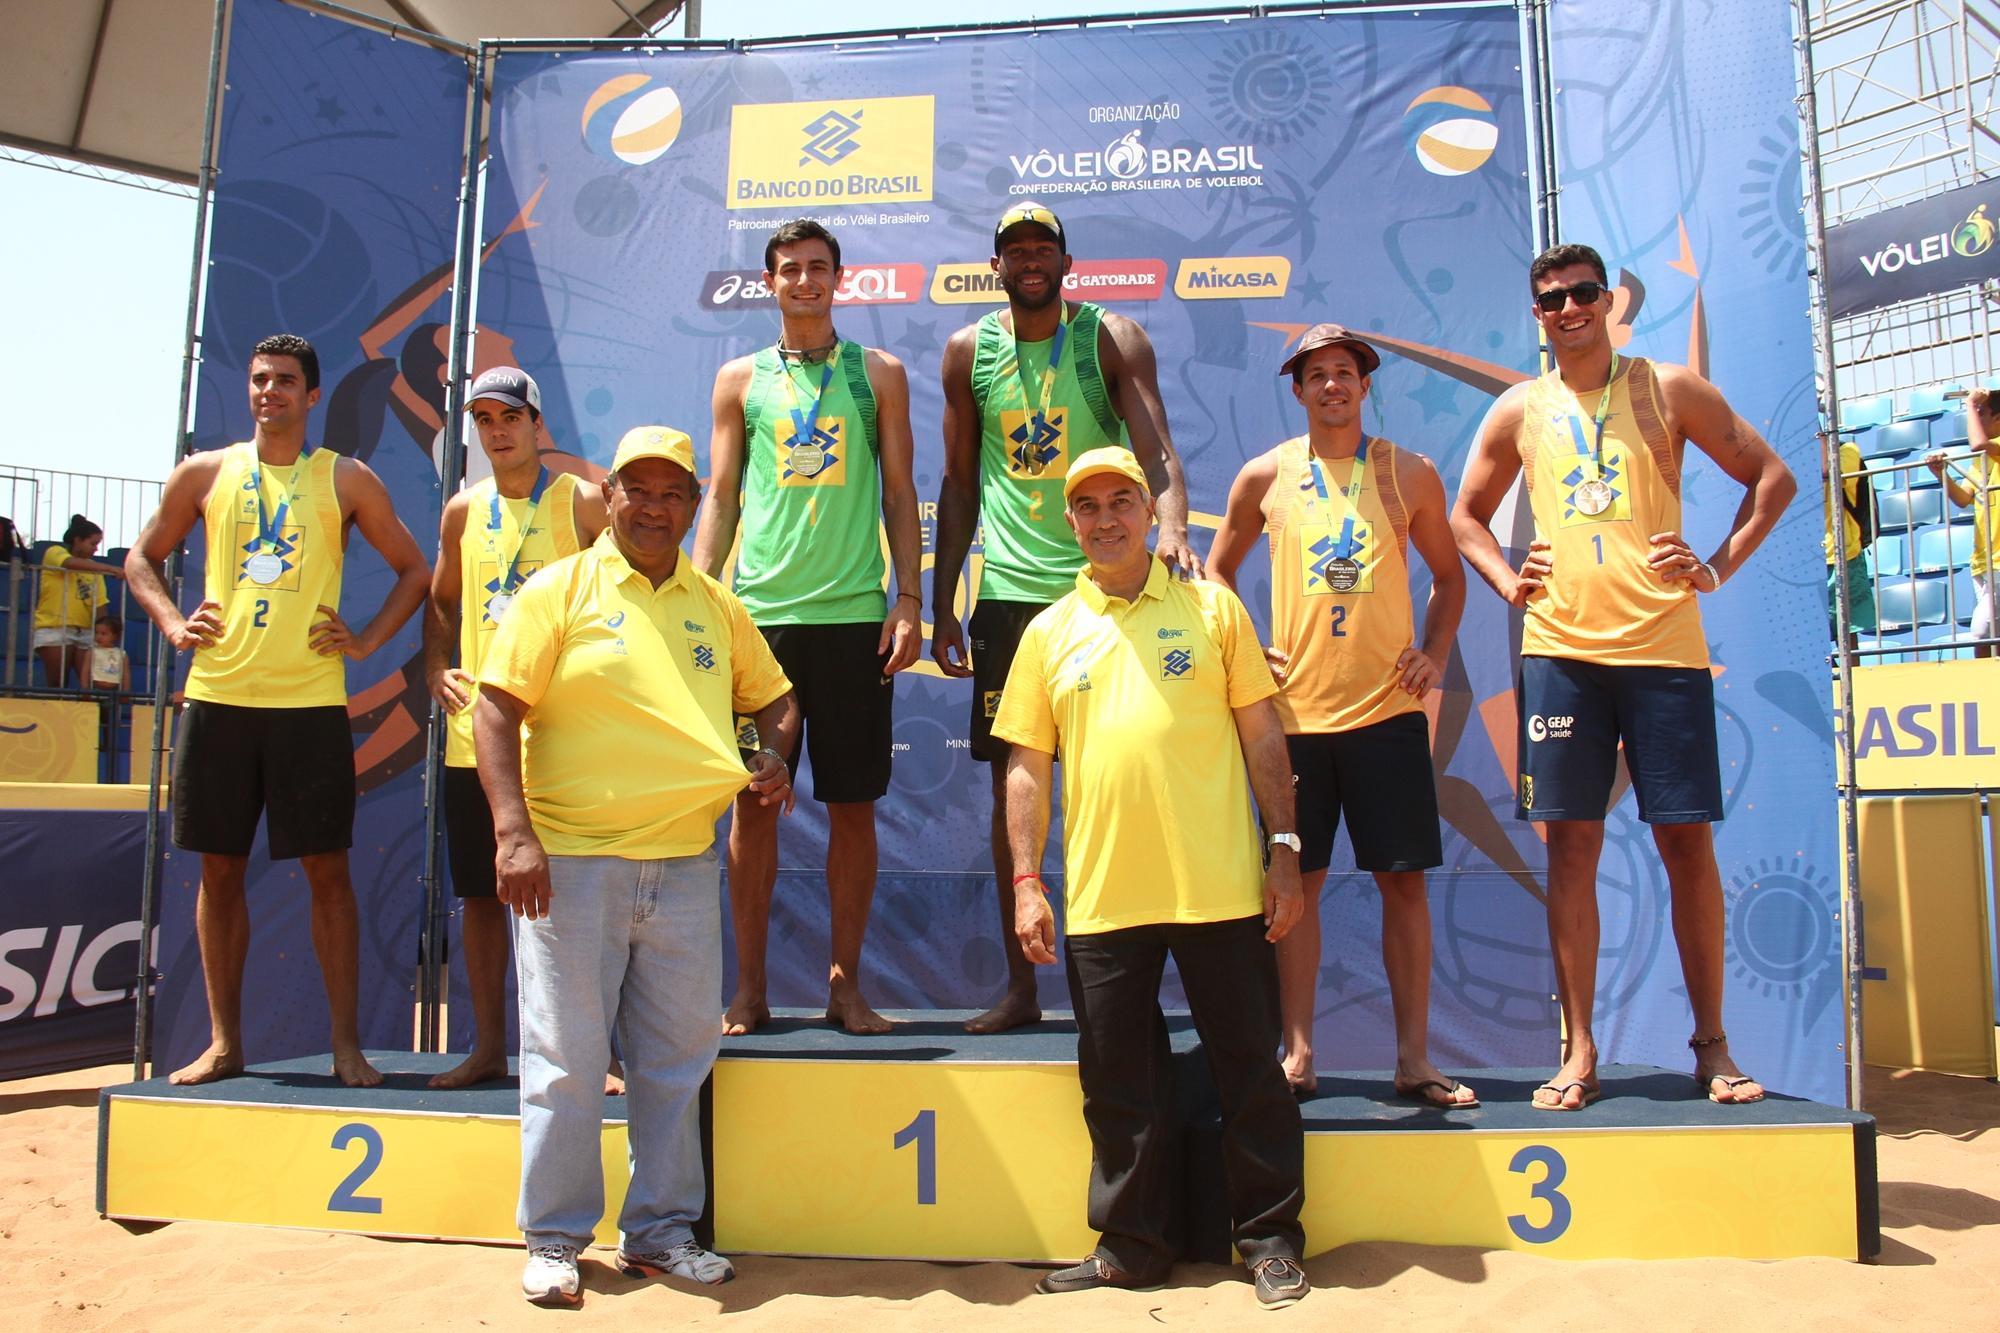 Campeões mundiais Evandro e André abrem temporada com ouro em Campo Grande